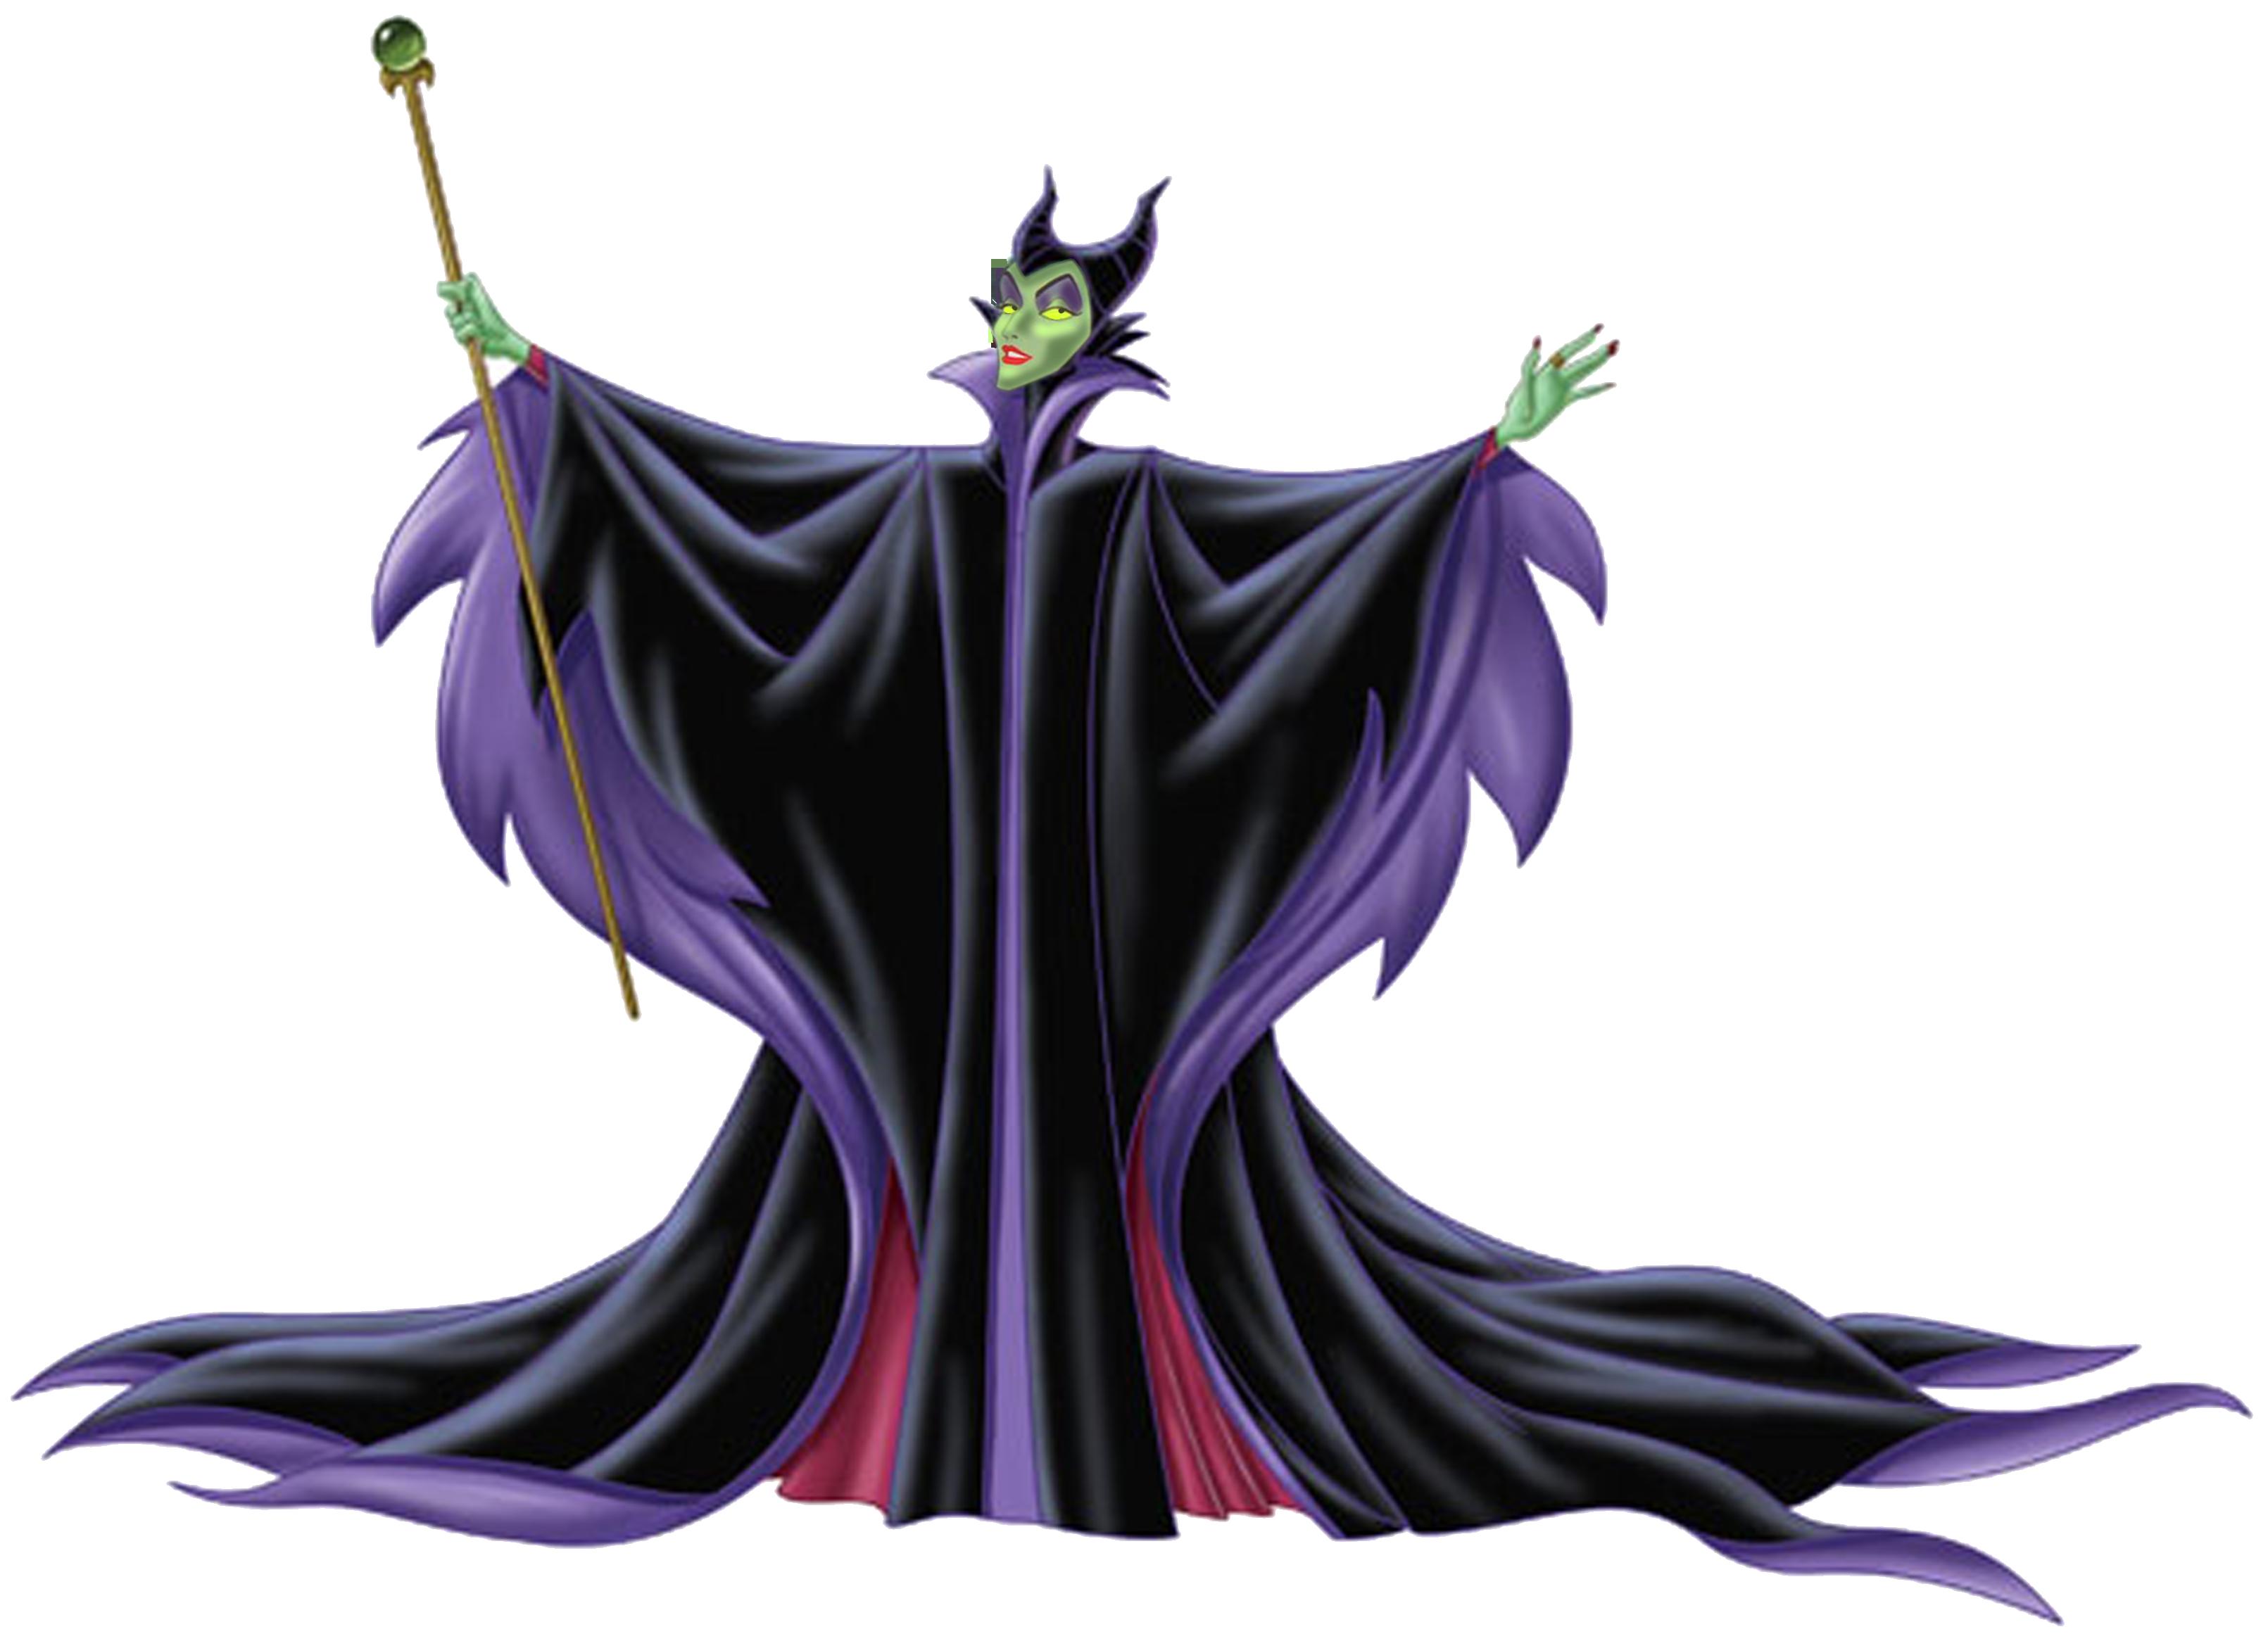 Maleficent Disney Princess Sleeping Beauty Villains Book Week Women Costume